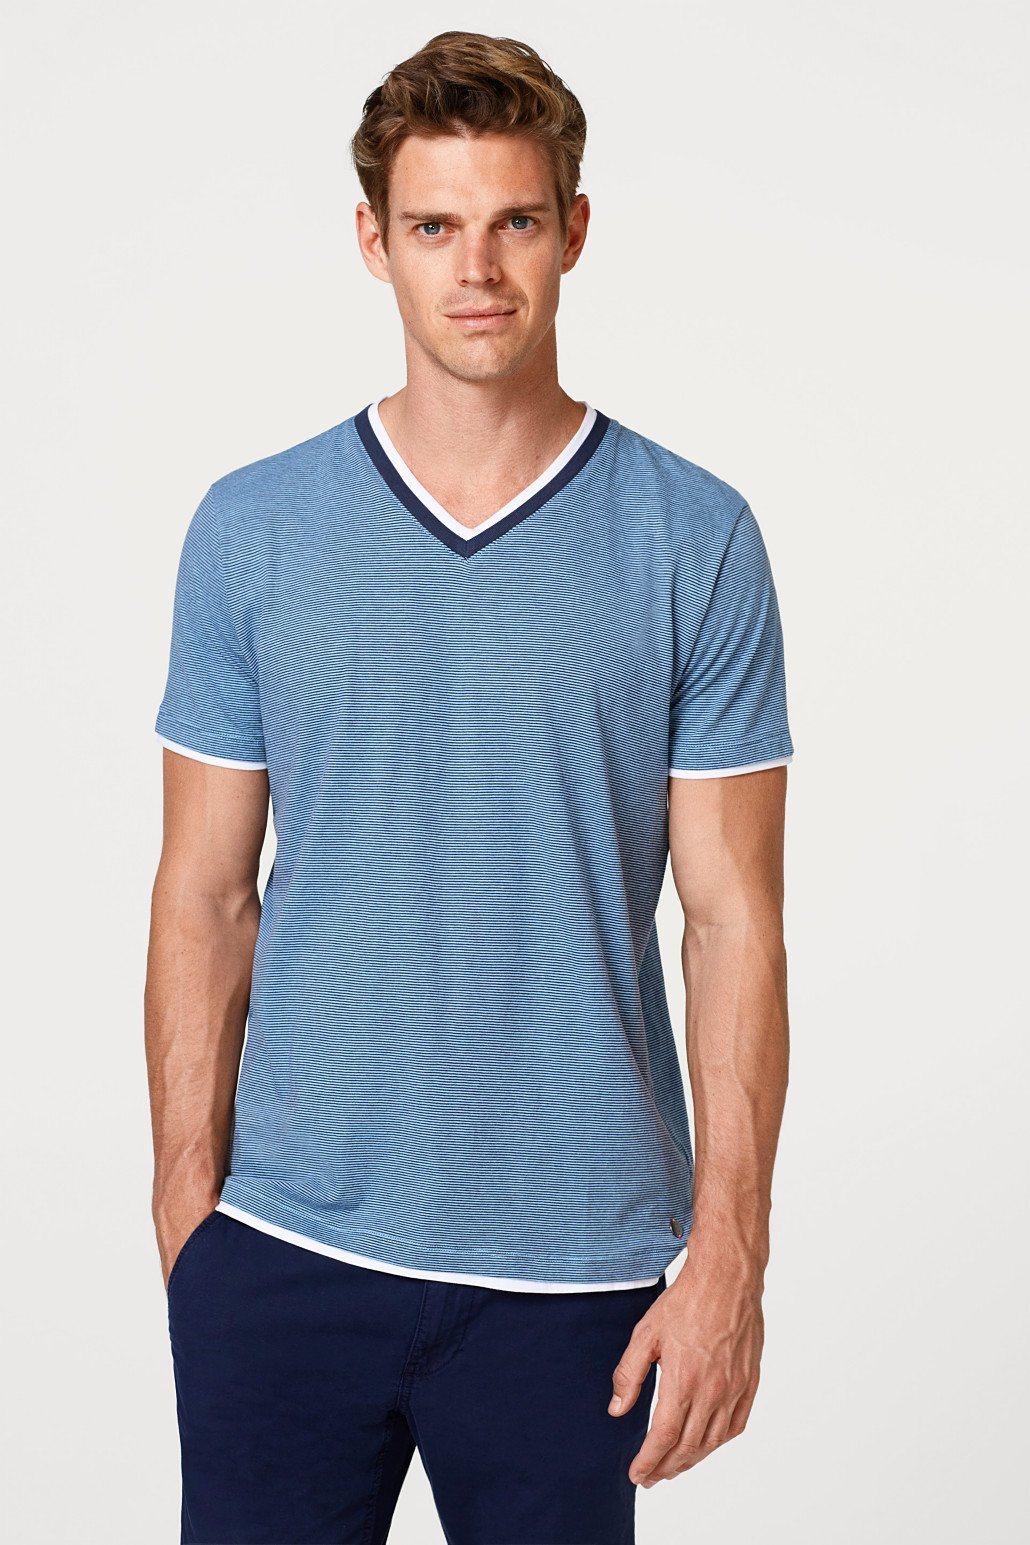 ESPRIT Gestreiftes Layer-Shirt aus Baumwolljersey   Bekleidung > Shirts > Sonstige Shirts   Jersey - Baumwolle   Esprit